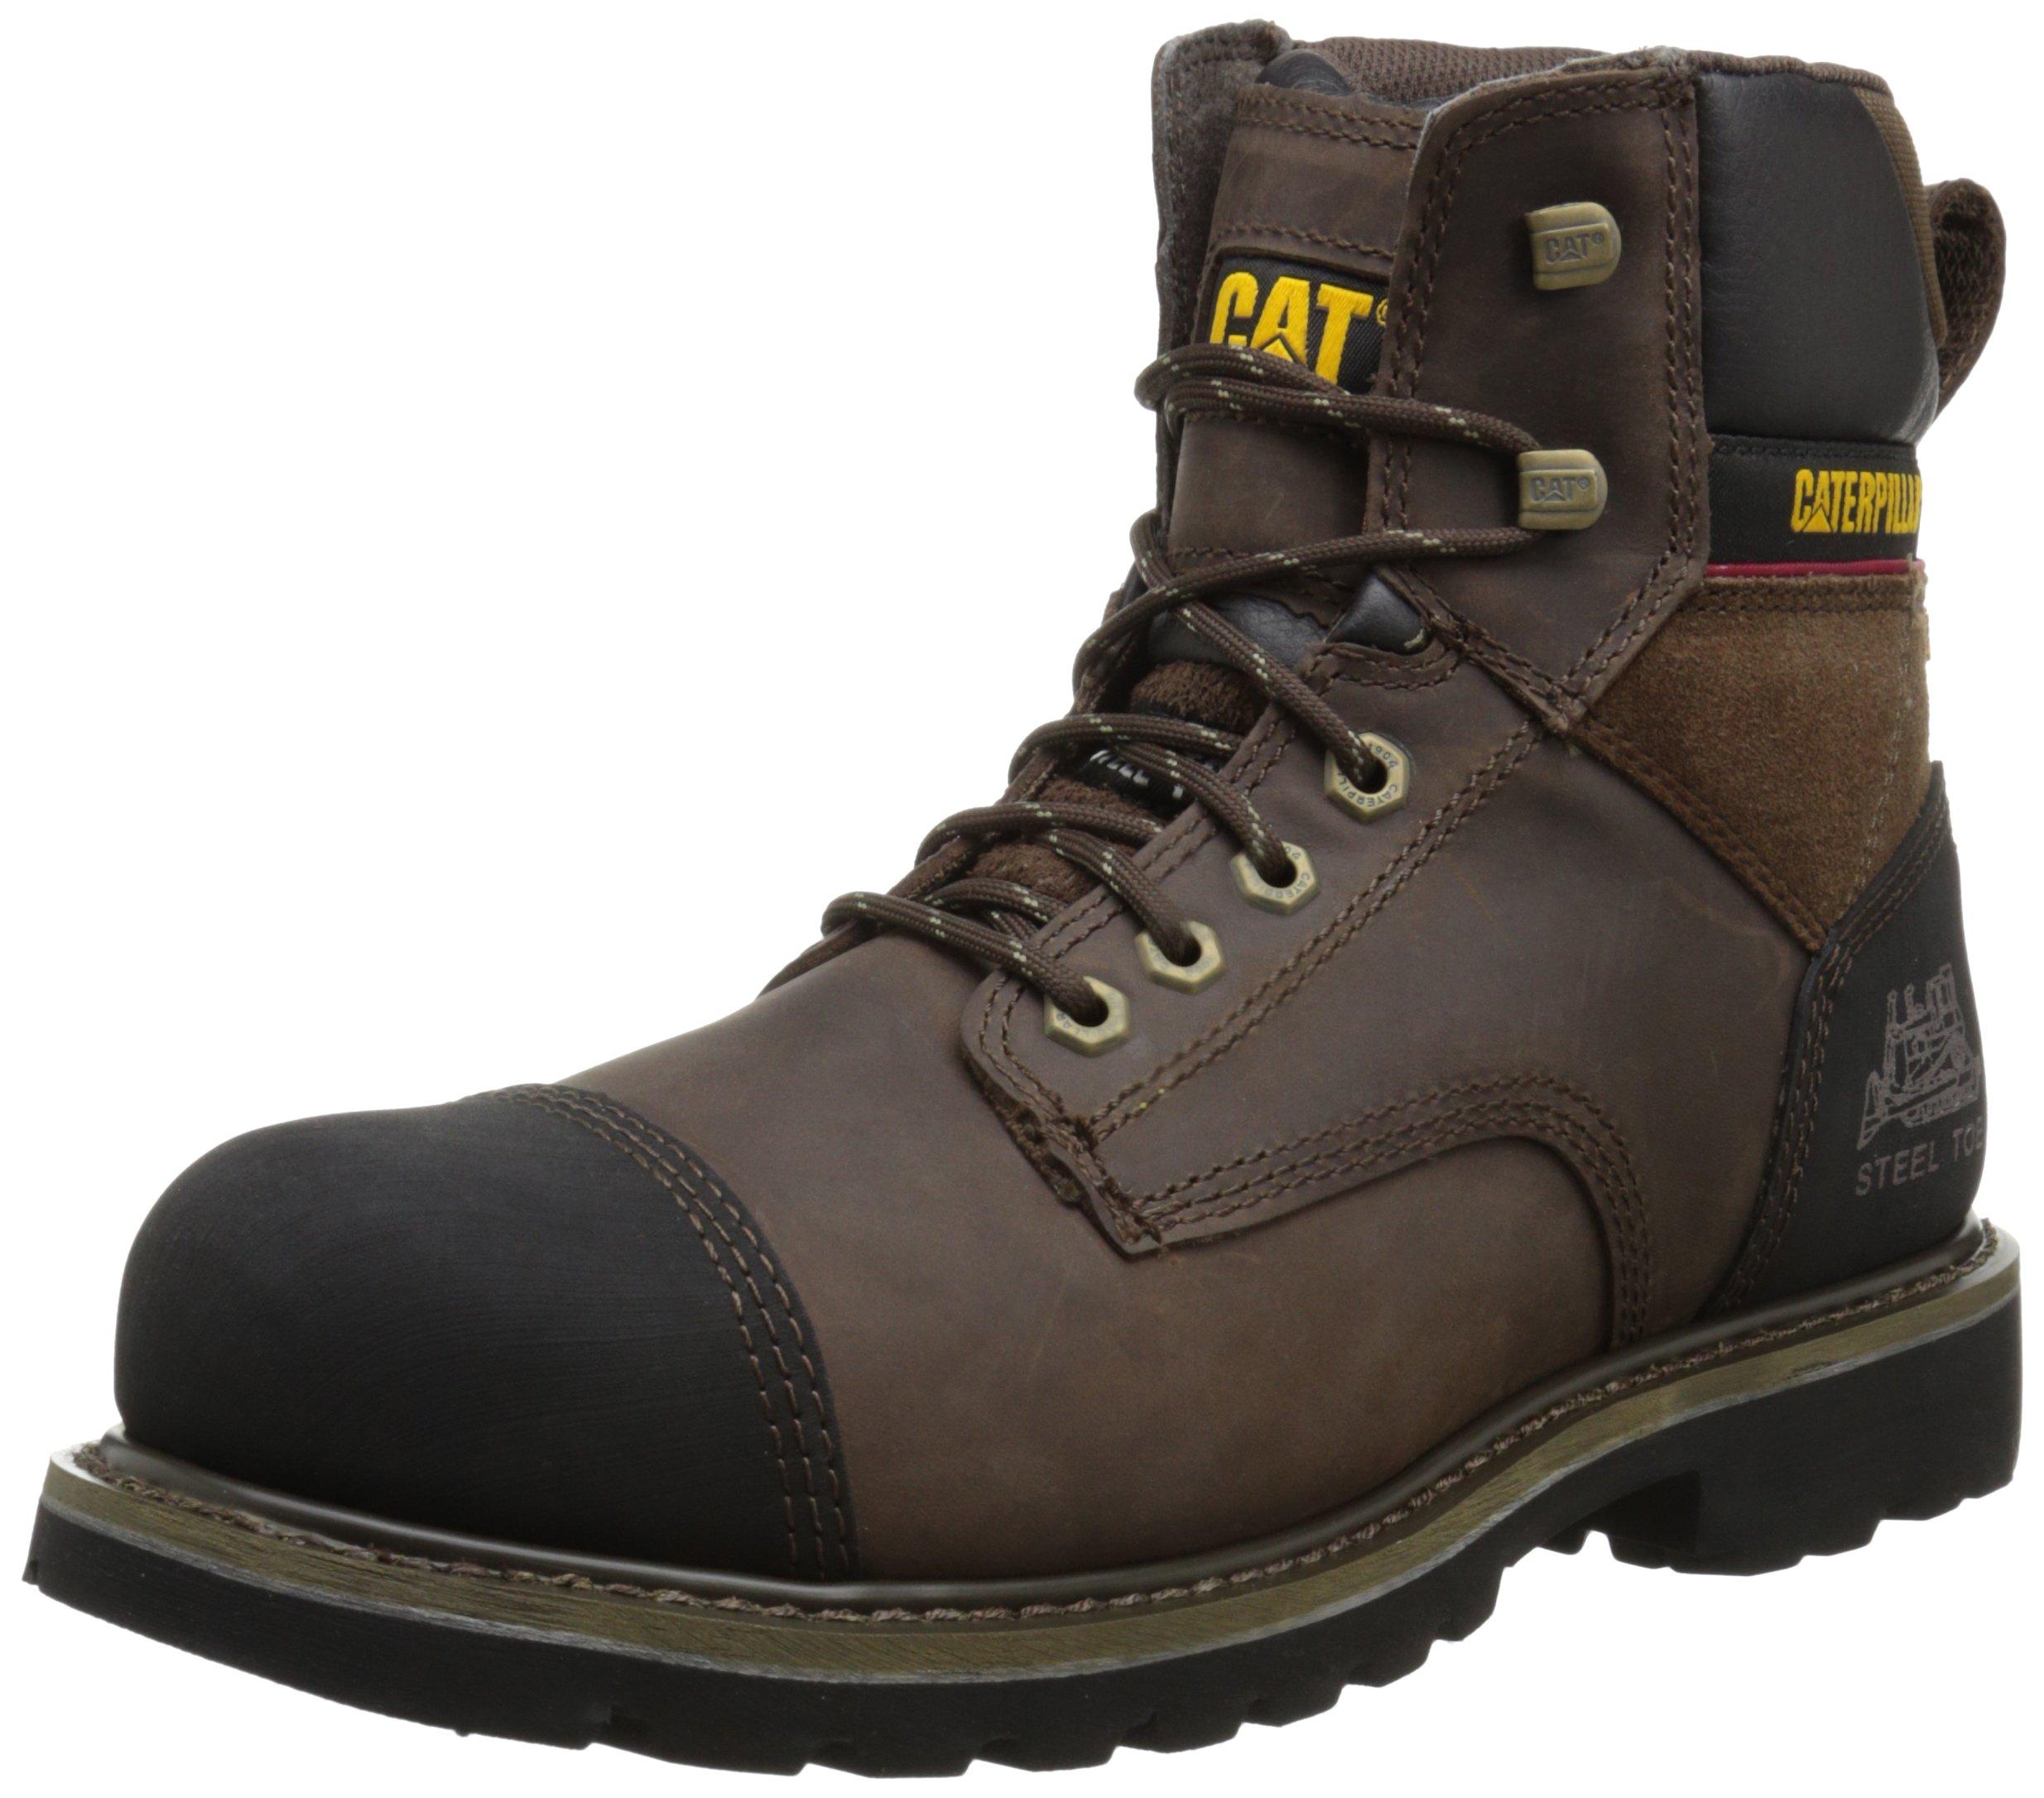 Caterpillar Men's Traction 6 Inch Steel Toe Work Boot, Dark Brown, 12 M US